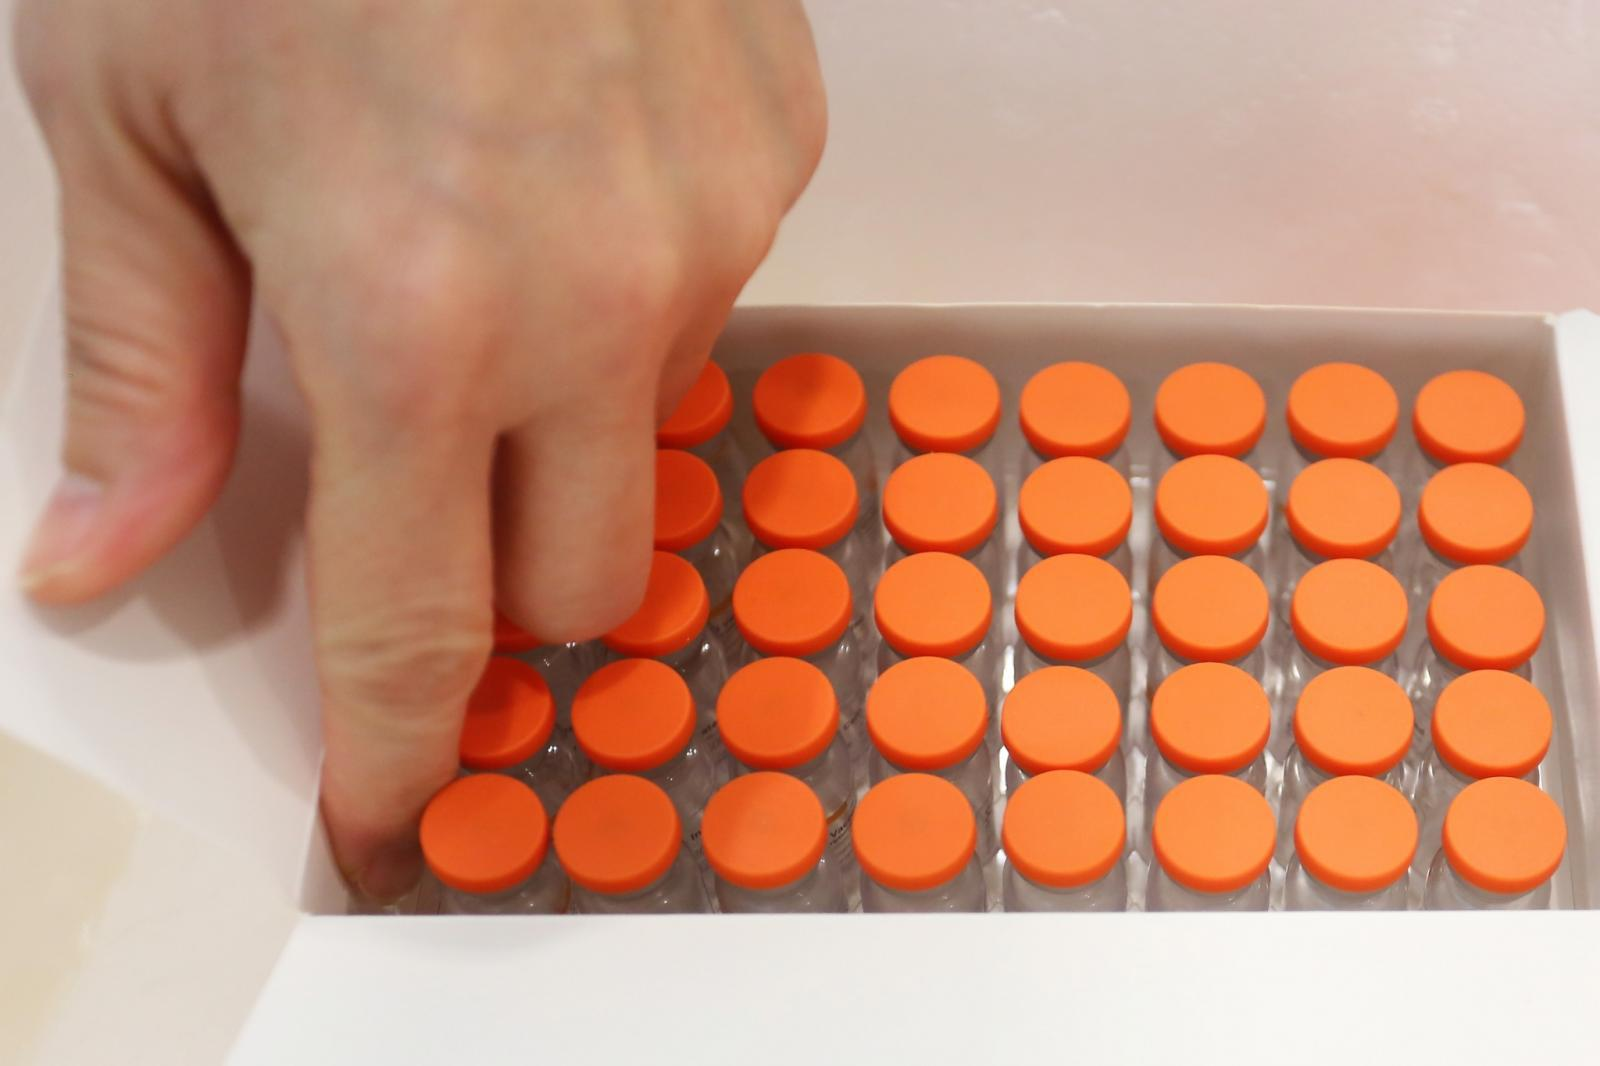 5 อาการไม่พึงประสงค์หลังรับวัคซีนโควิด-19 แอสตร้าเซเนก้า-ซิโนแวค